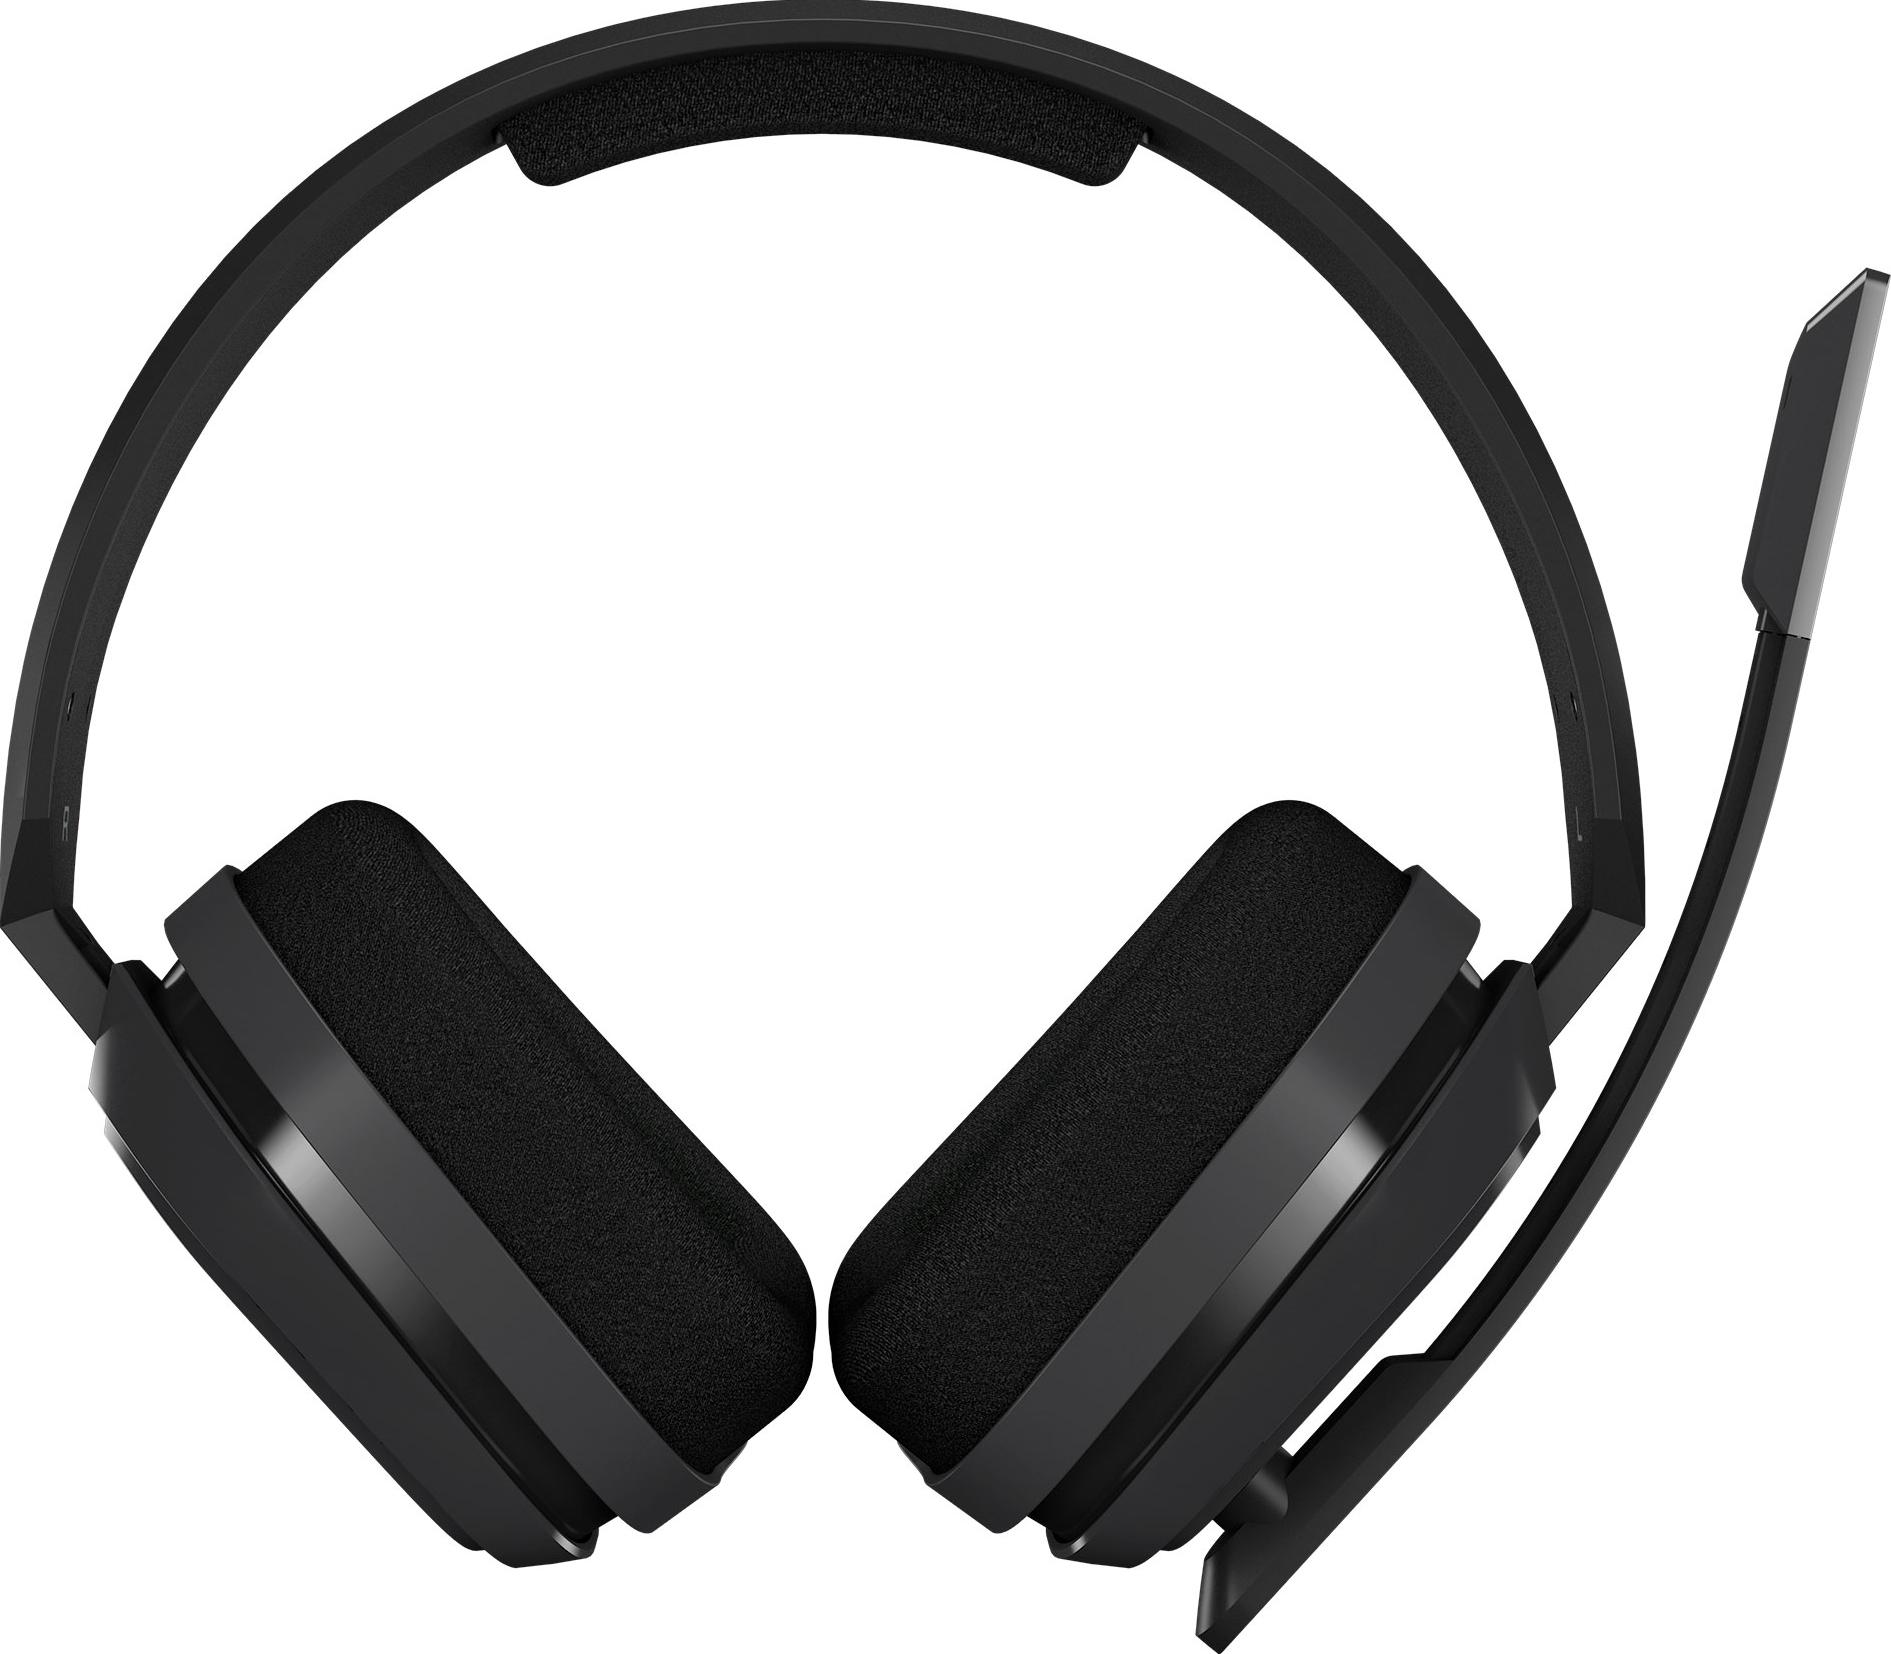 astro a10 headset pour ps4 gris bleu ecouteurs pour ps4 acheter bas prix media. Black Bedroom Furniture Sets. Home Design Ideas